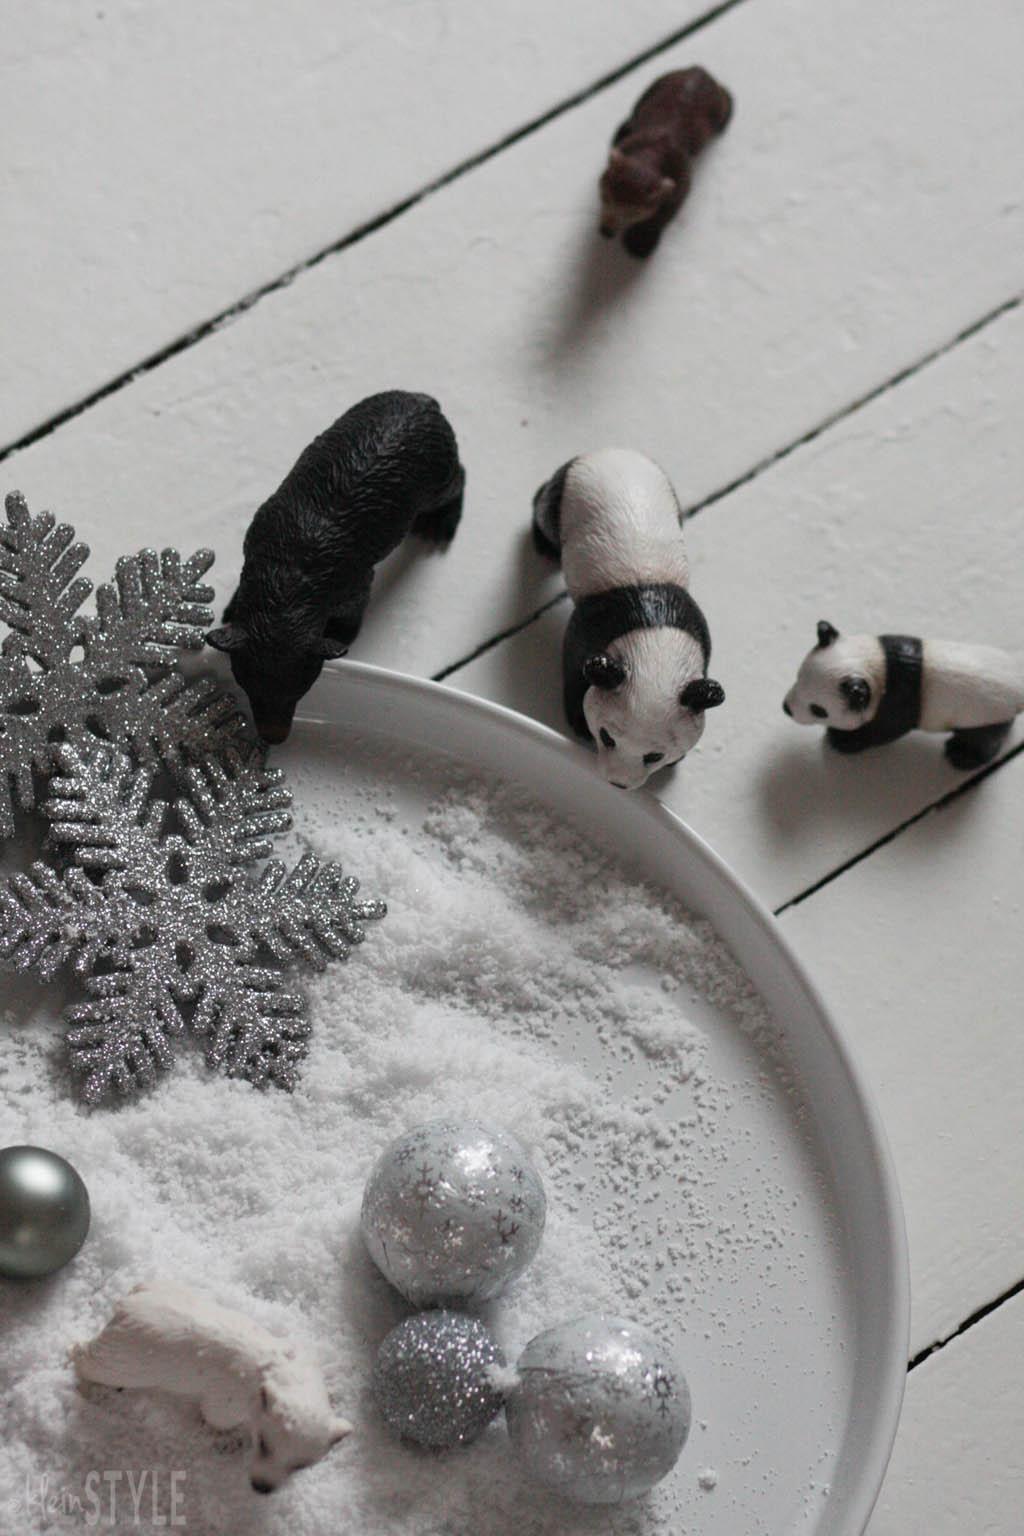 milka-snowballs-by-kleinstyle-com-6